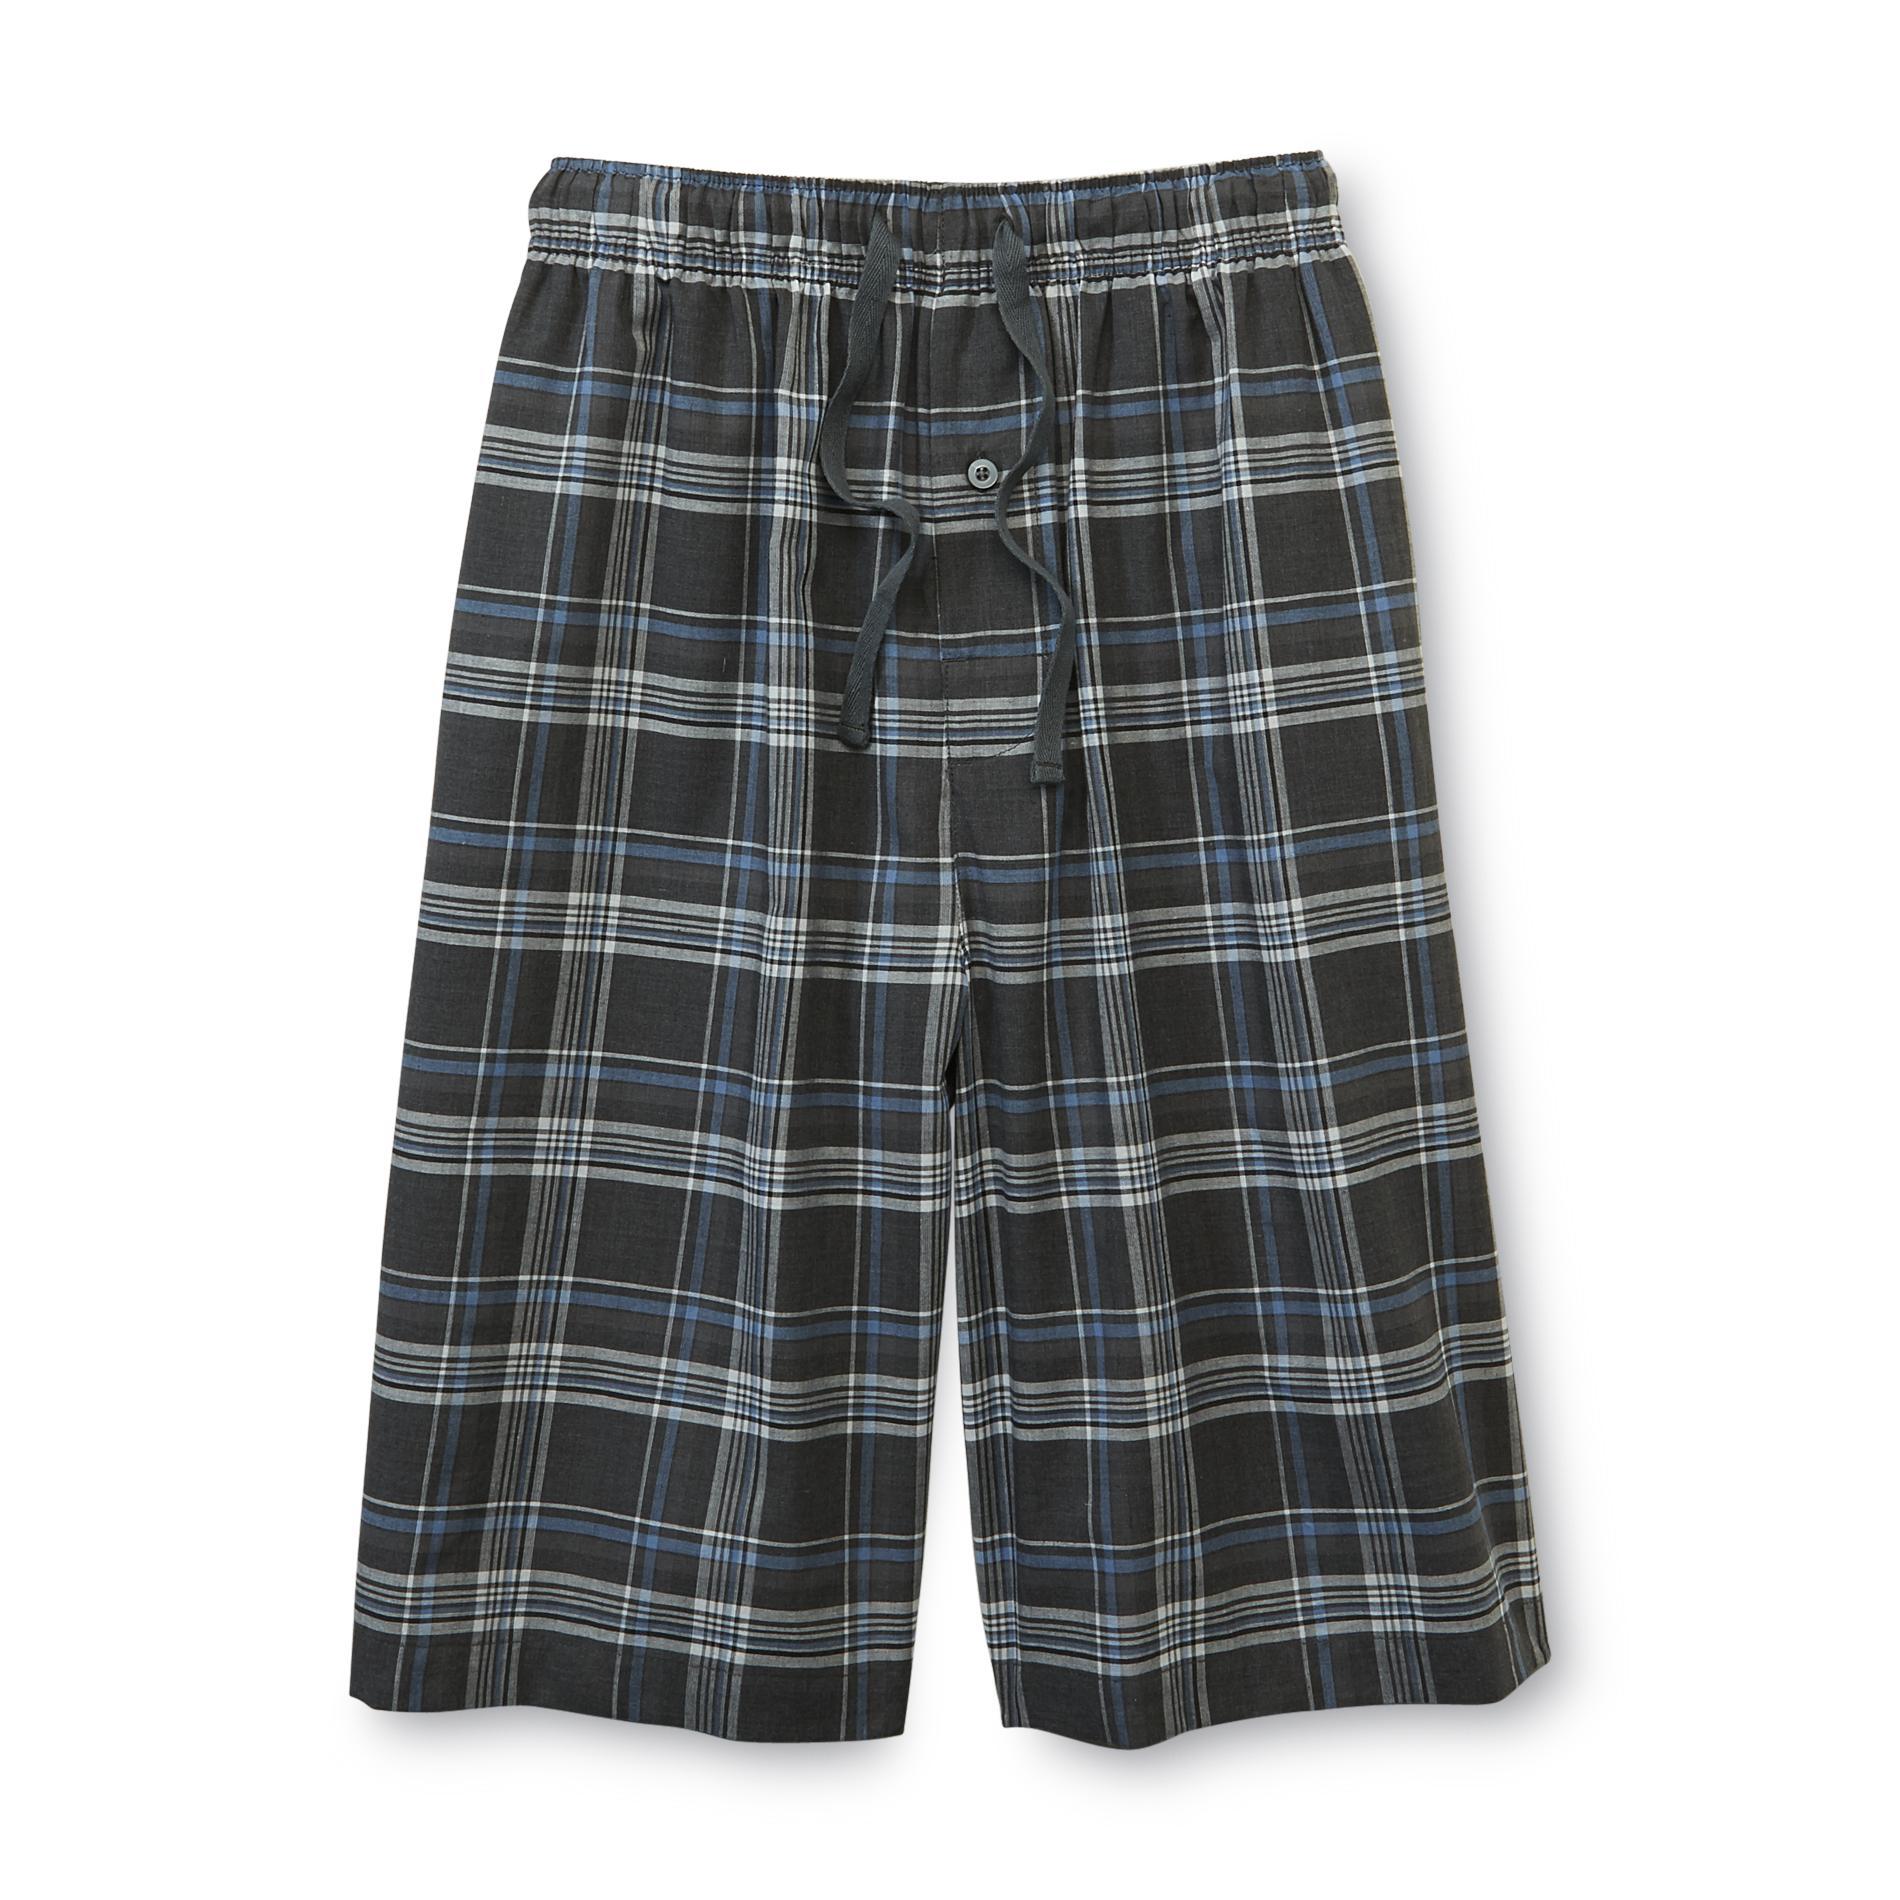 Basic Editions Men's Poplin Pajama Shorts - Plaid